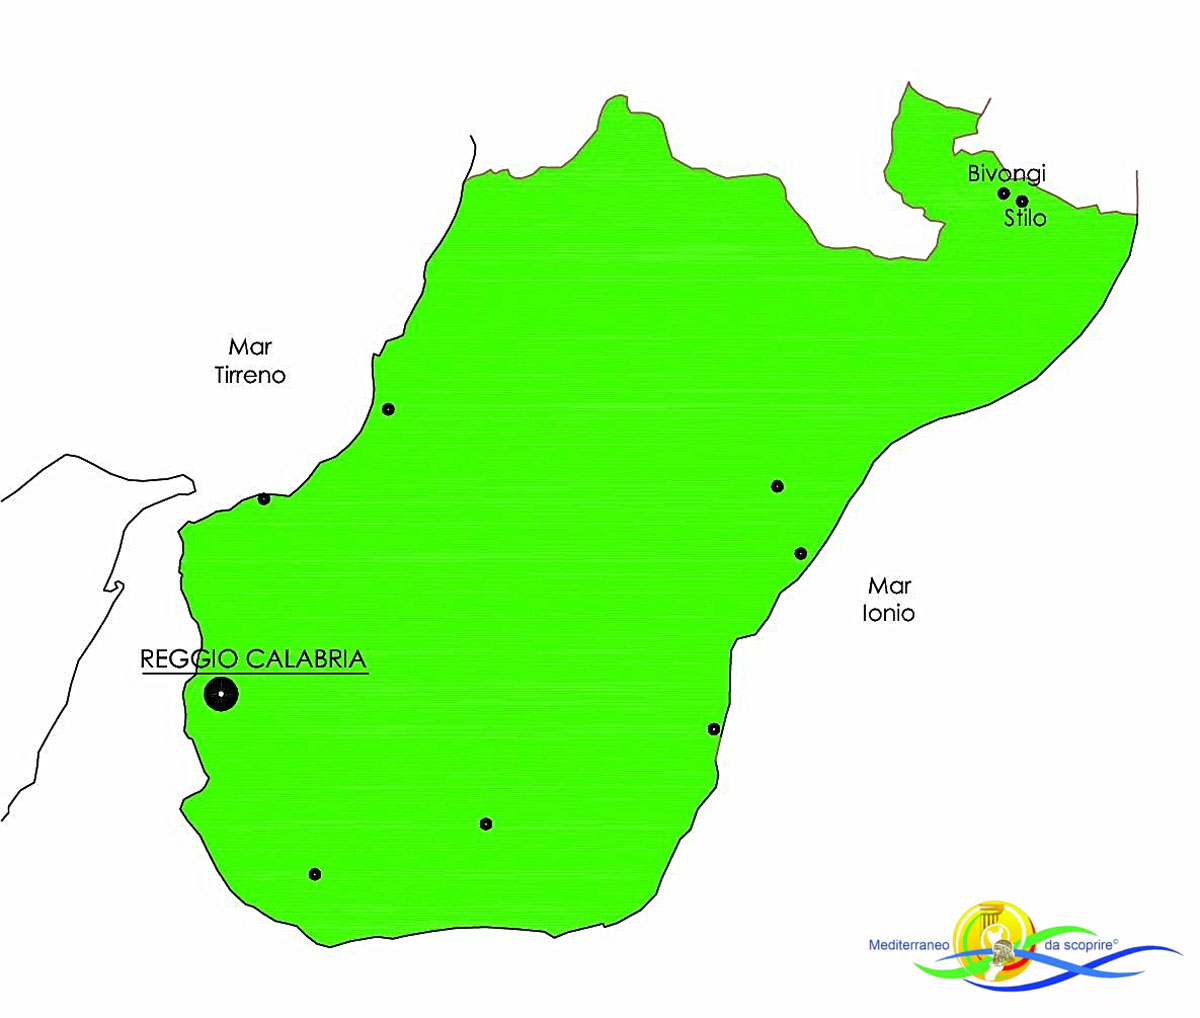 Mediterraneo da scoprire-Stilo e cascate del Marmarico